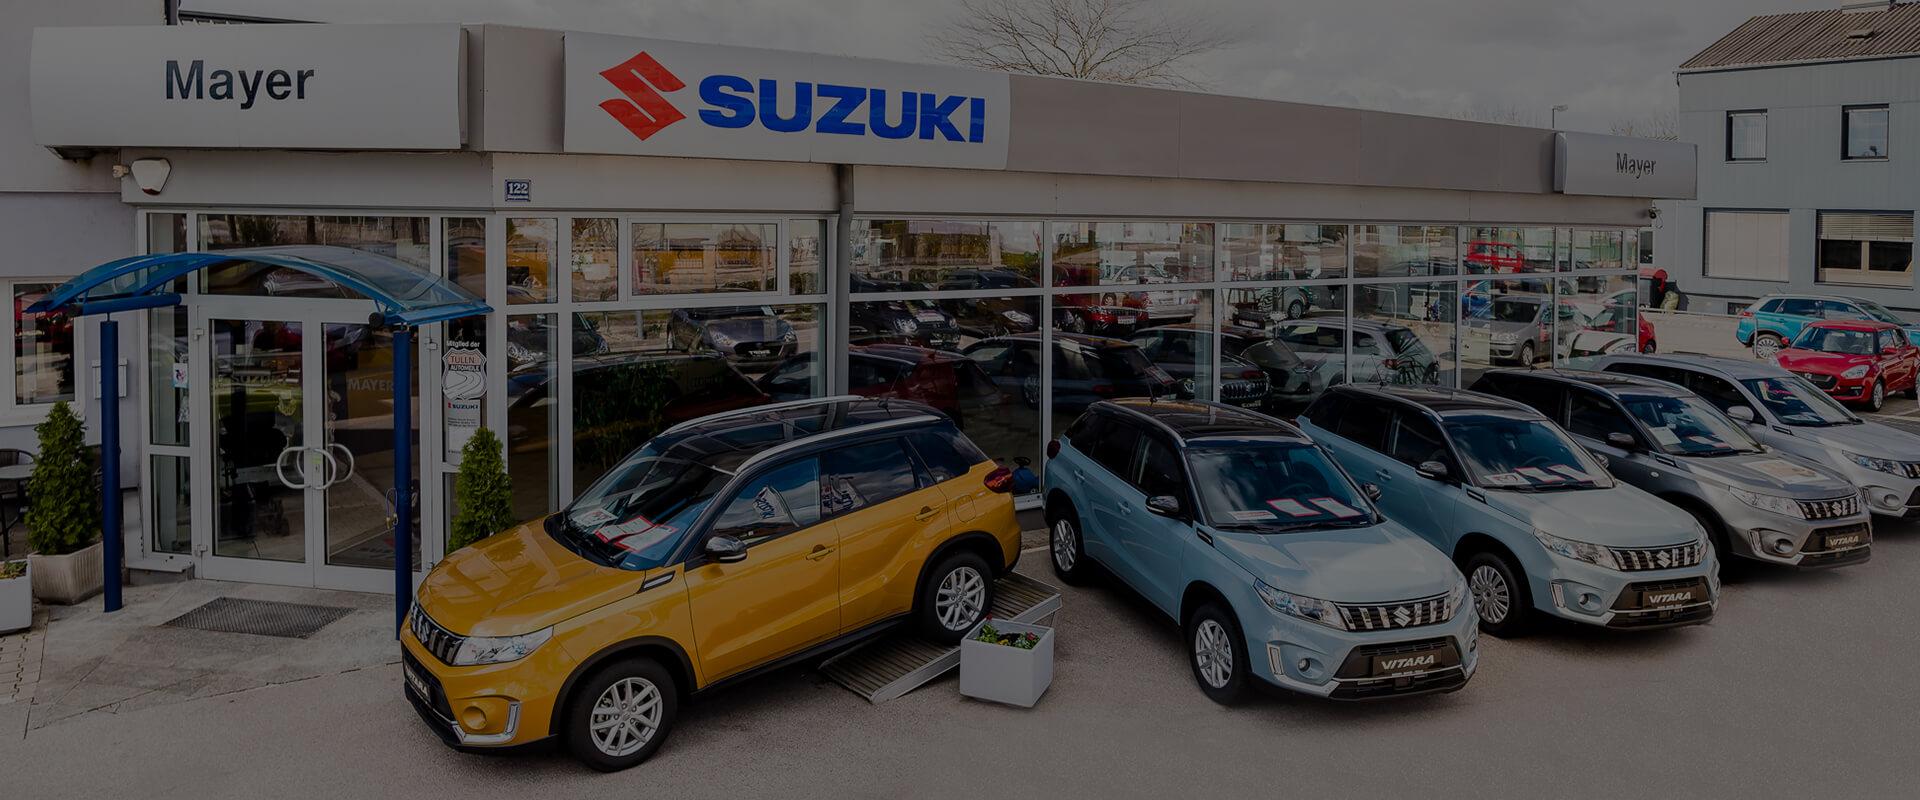 Autohaus Suzuki Mayer Aussenansicht